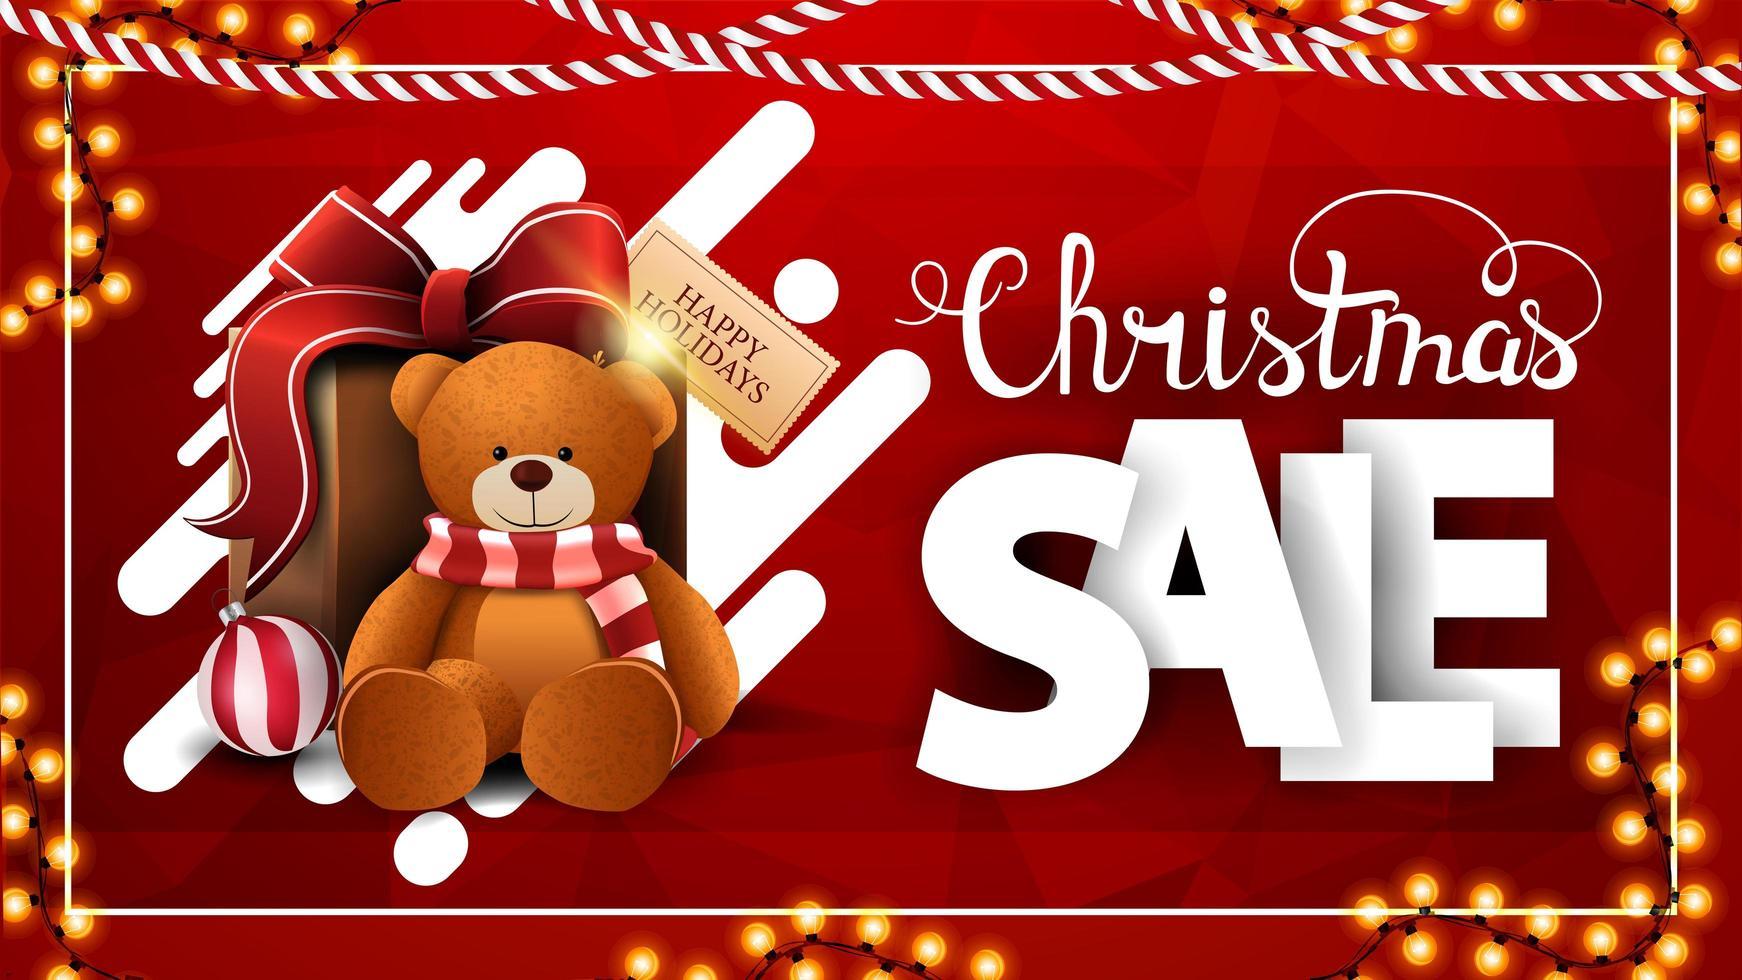 vente de Noël, bannière de réduction rouge avec des guirlandes, texture polygonale, formes liquides abstraites, grandes lettres volumétriques blanches et cadeau avec ours en peluche vecteur